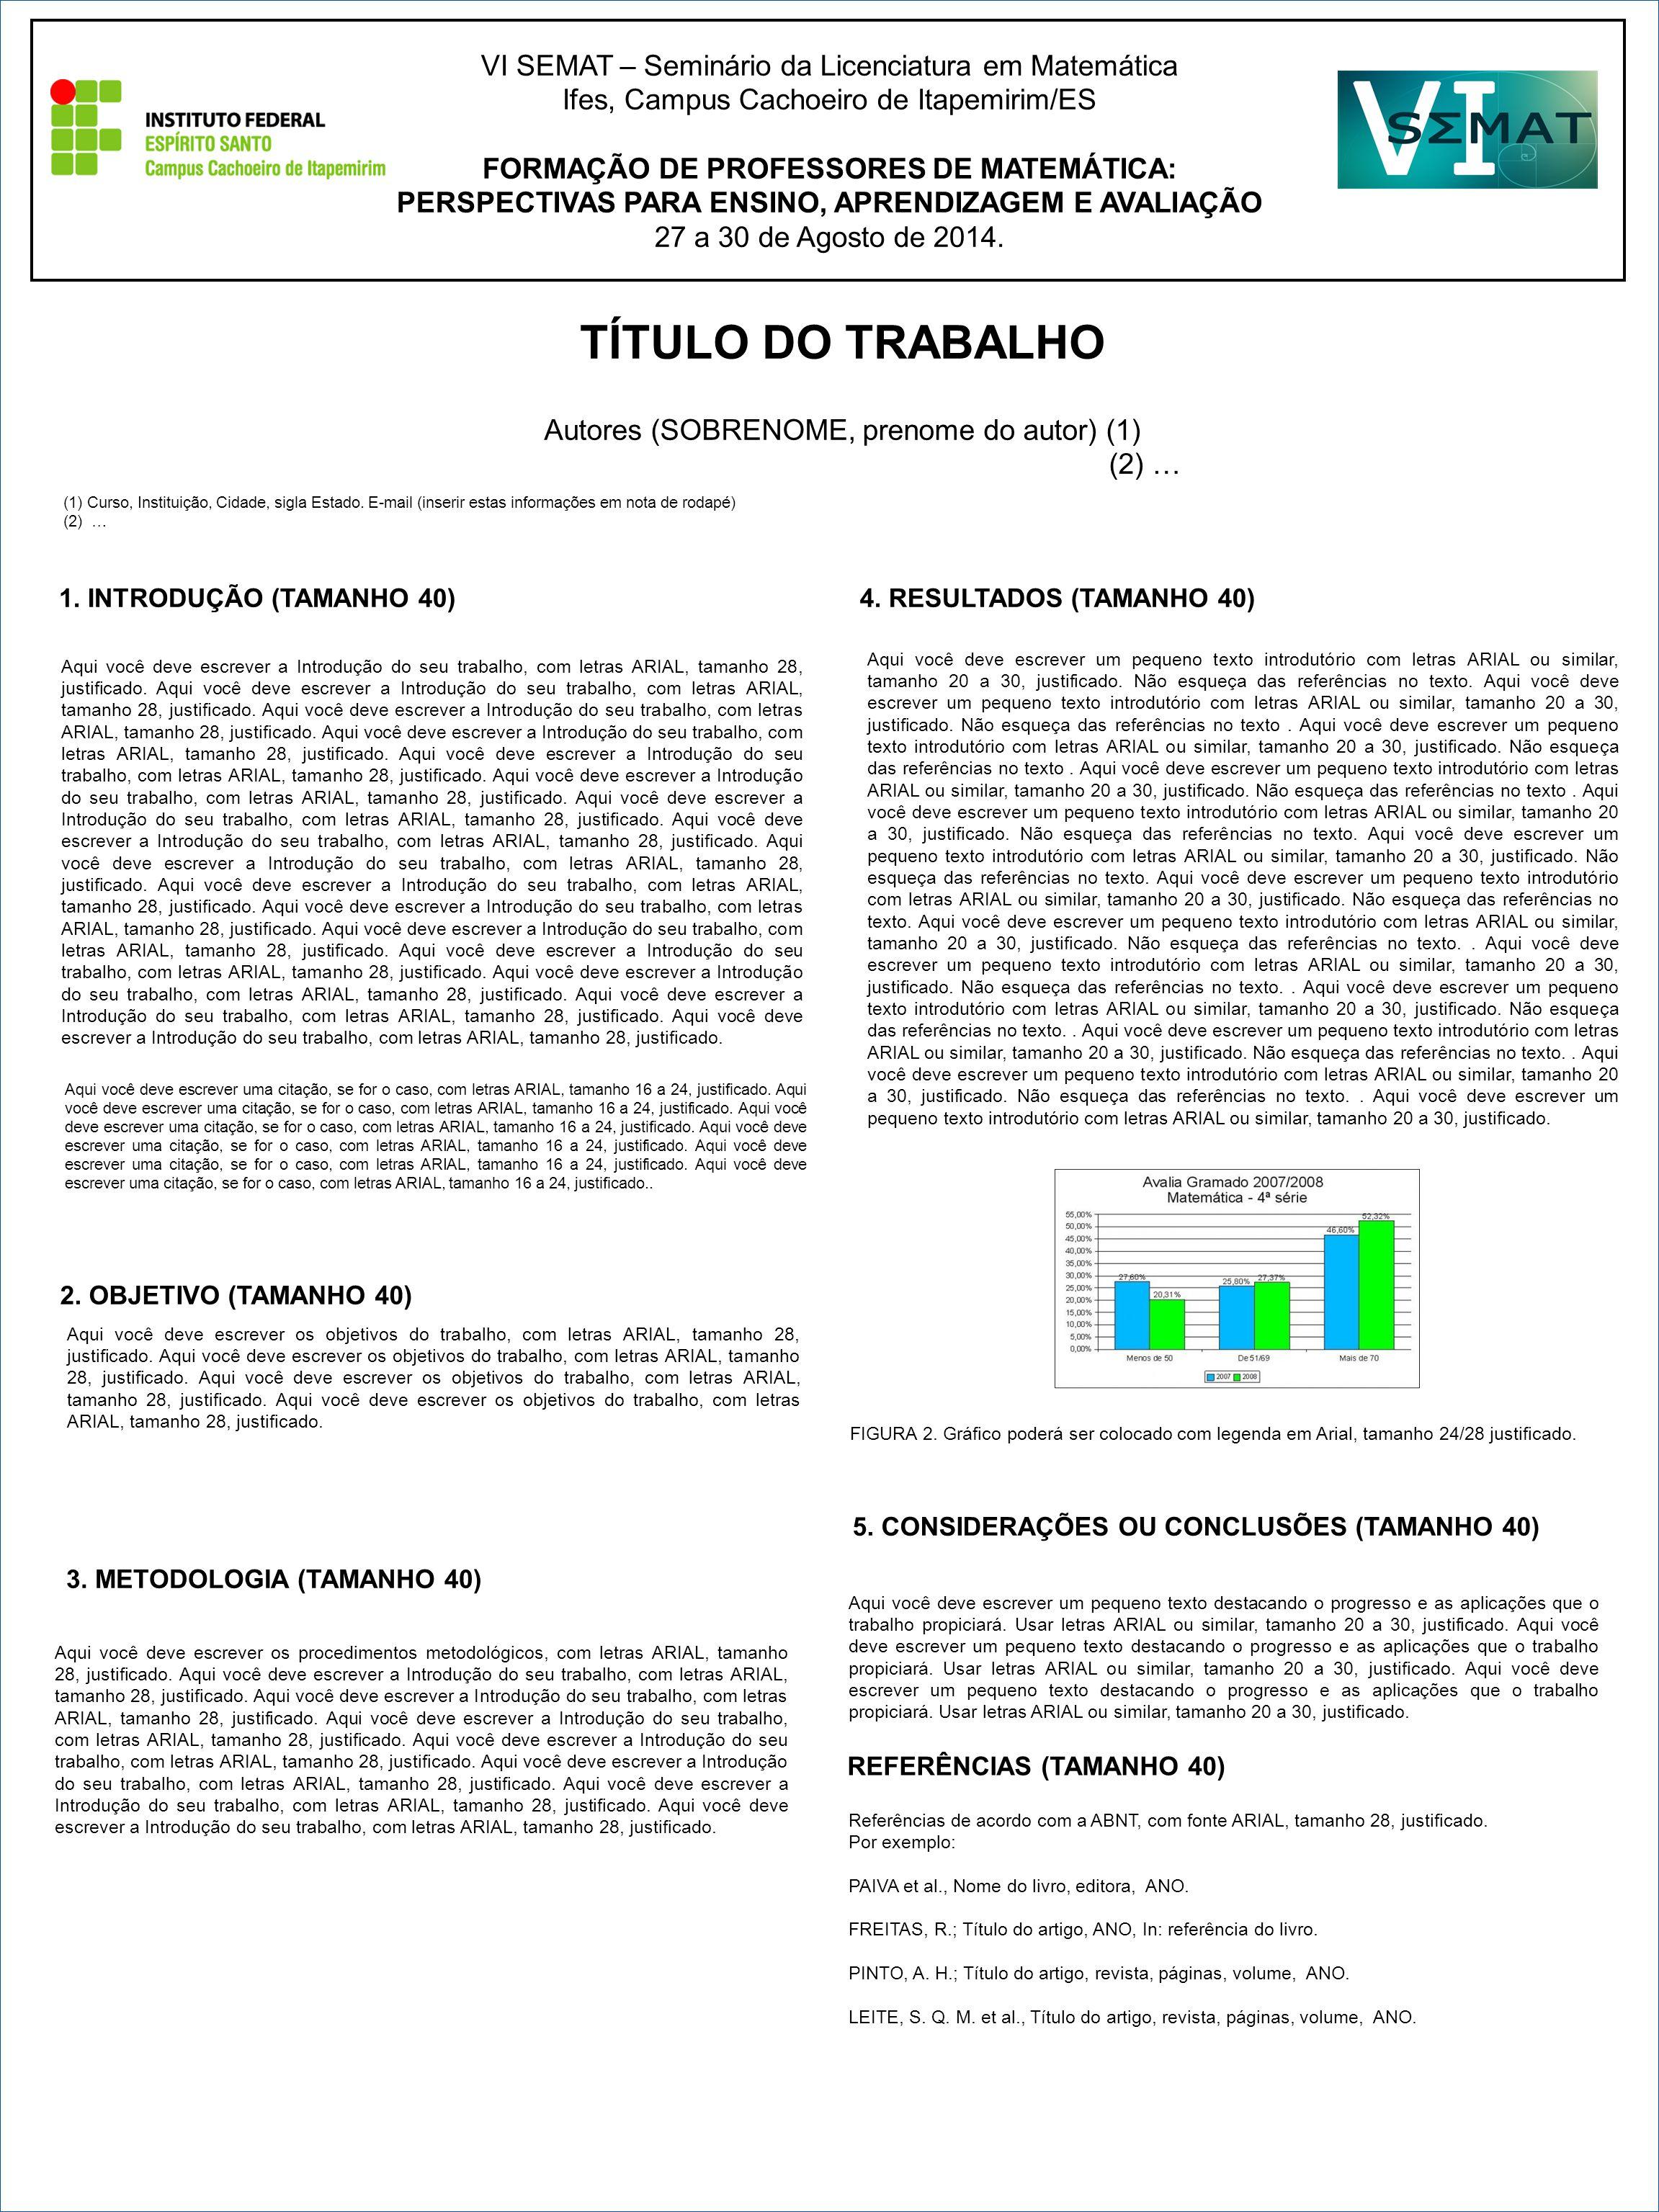 TÍTULO DO TRABALHO VI SEMAT – Seminário da Licenciatura em Matemática